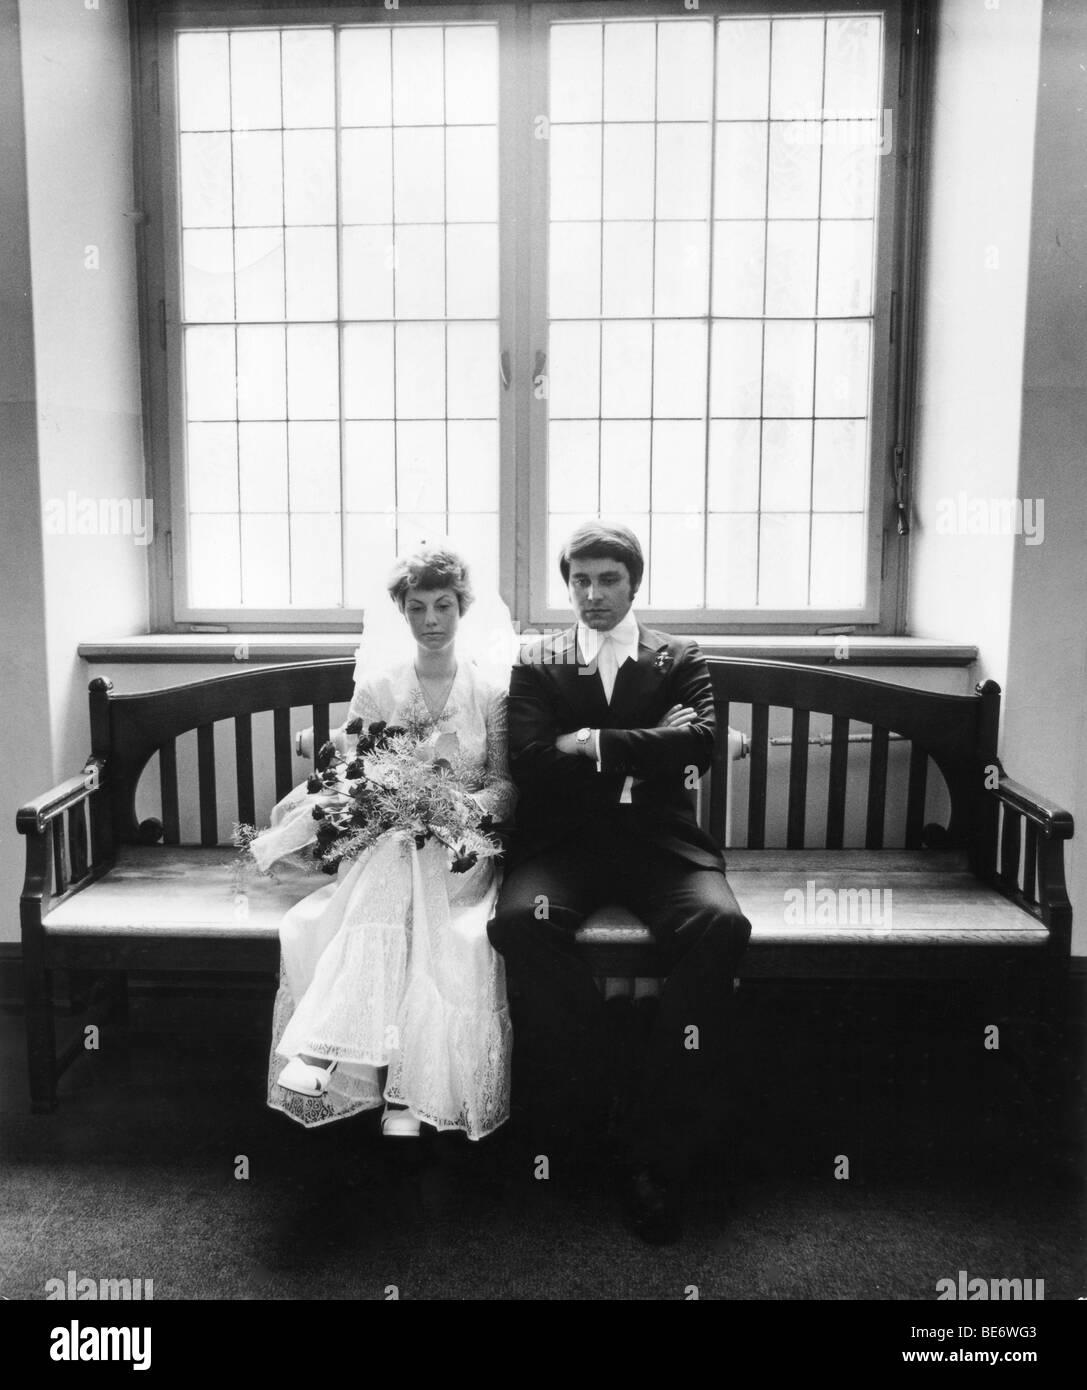 Nachdenklich Hochzeit Paar Foto Leipzig Ddr Historische 1975